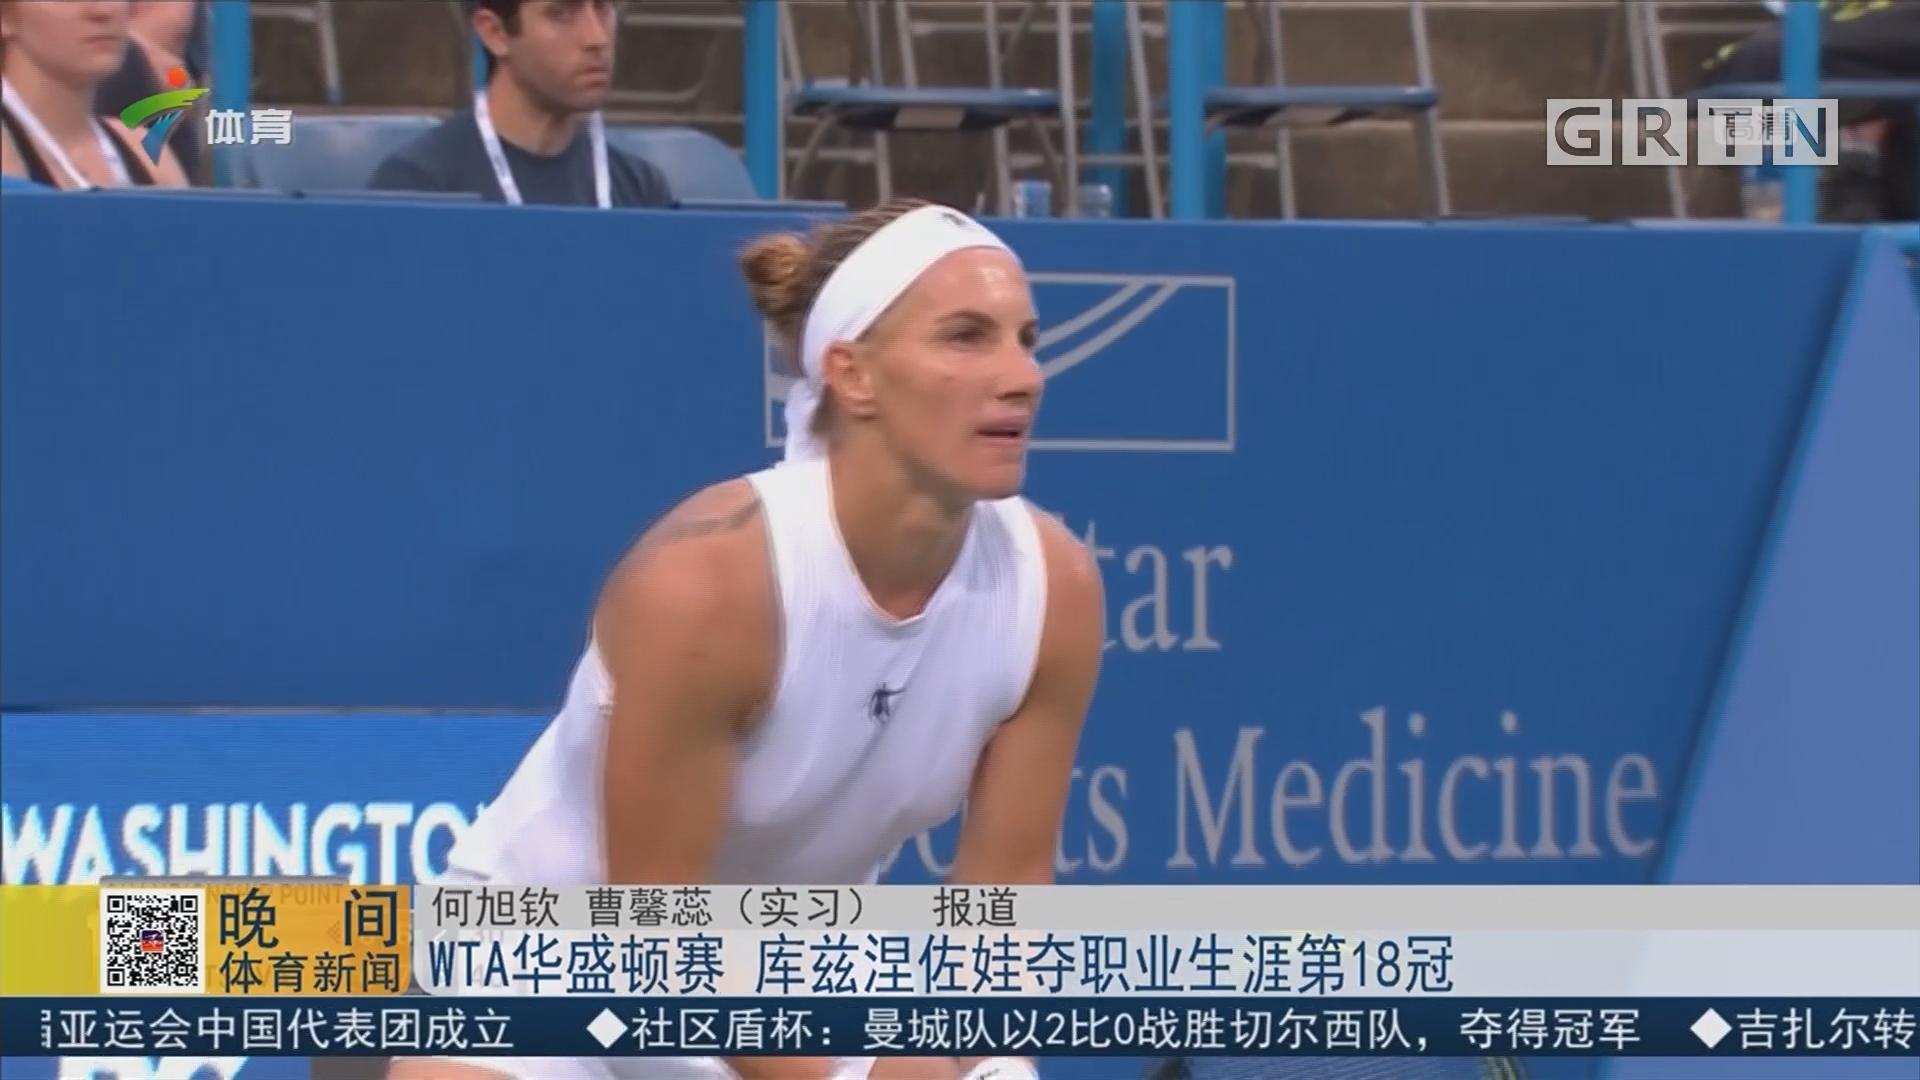 WTA華盛頓賽 庫茲涅佐娃奪職業生涯第18冠